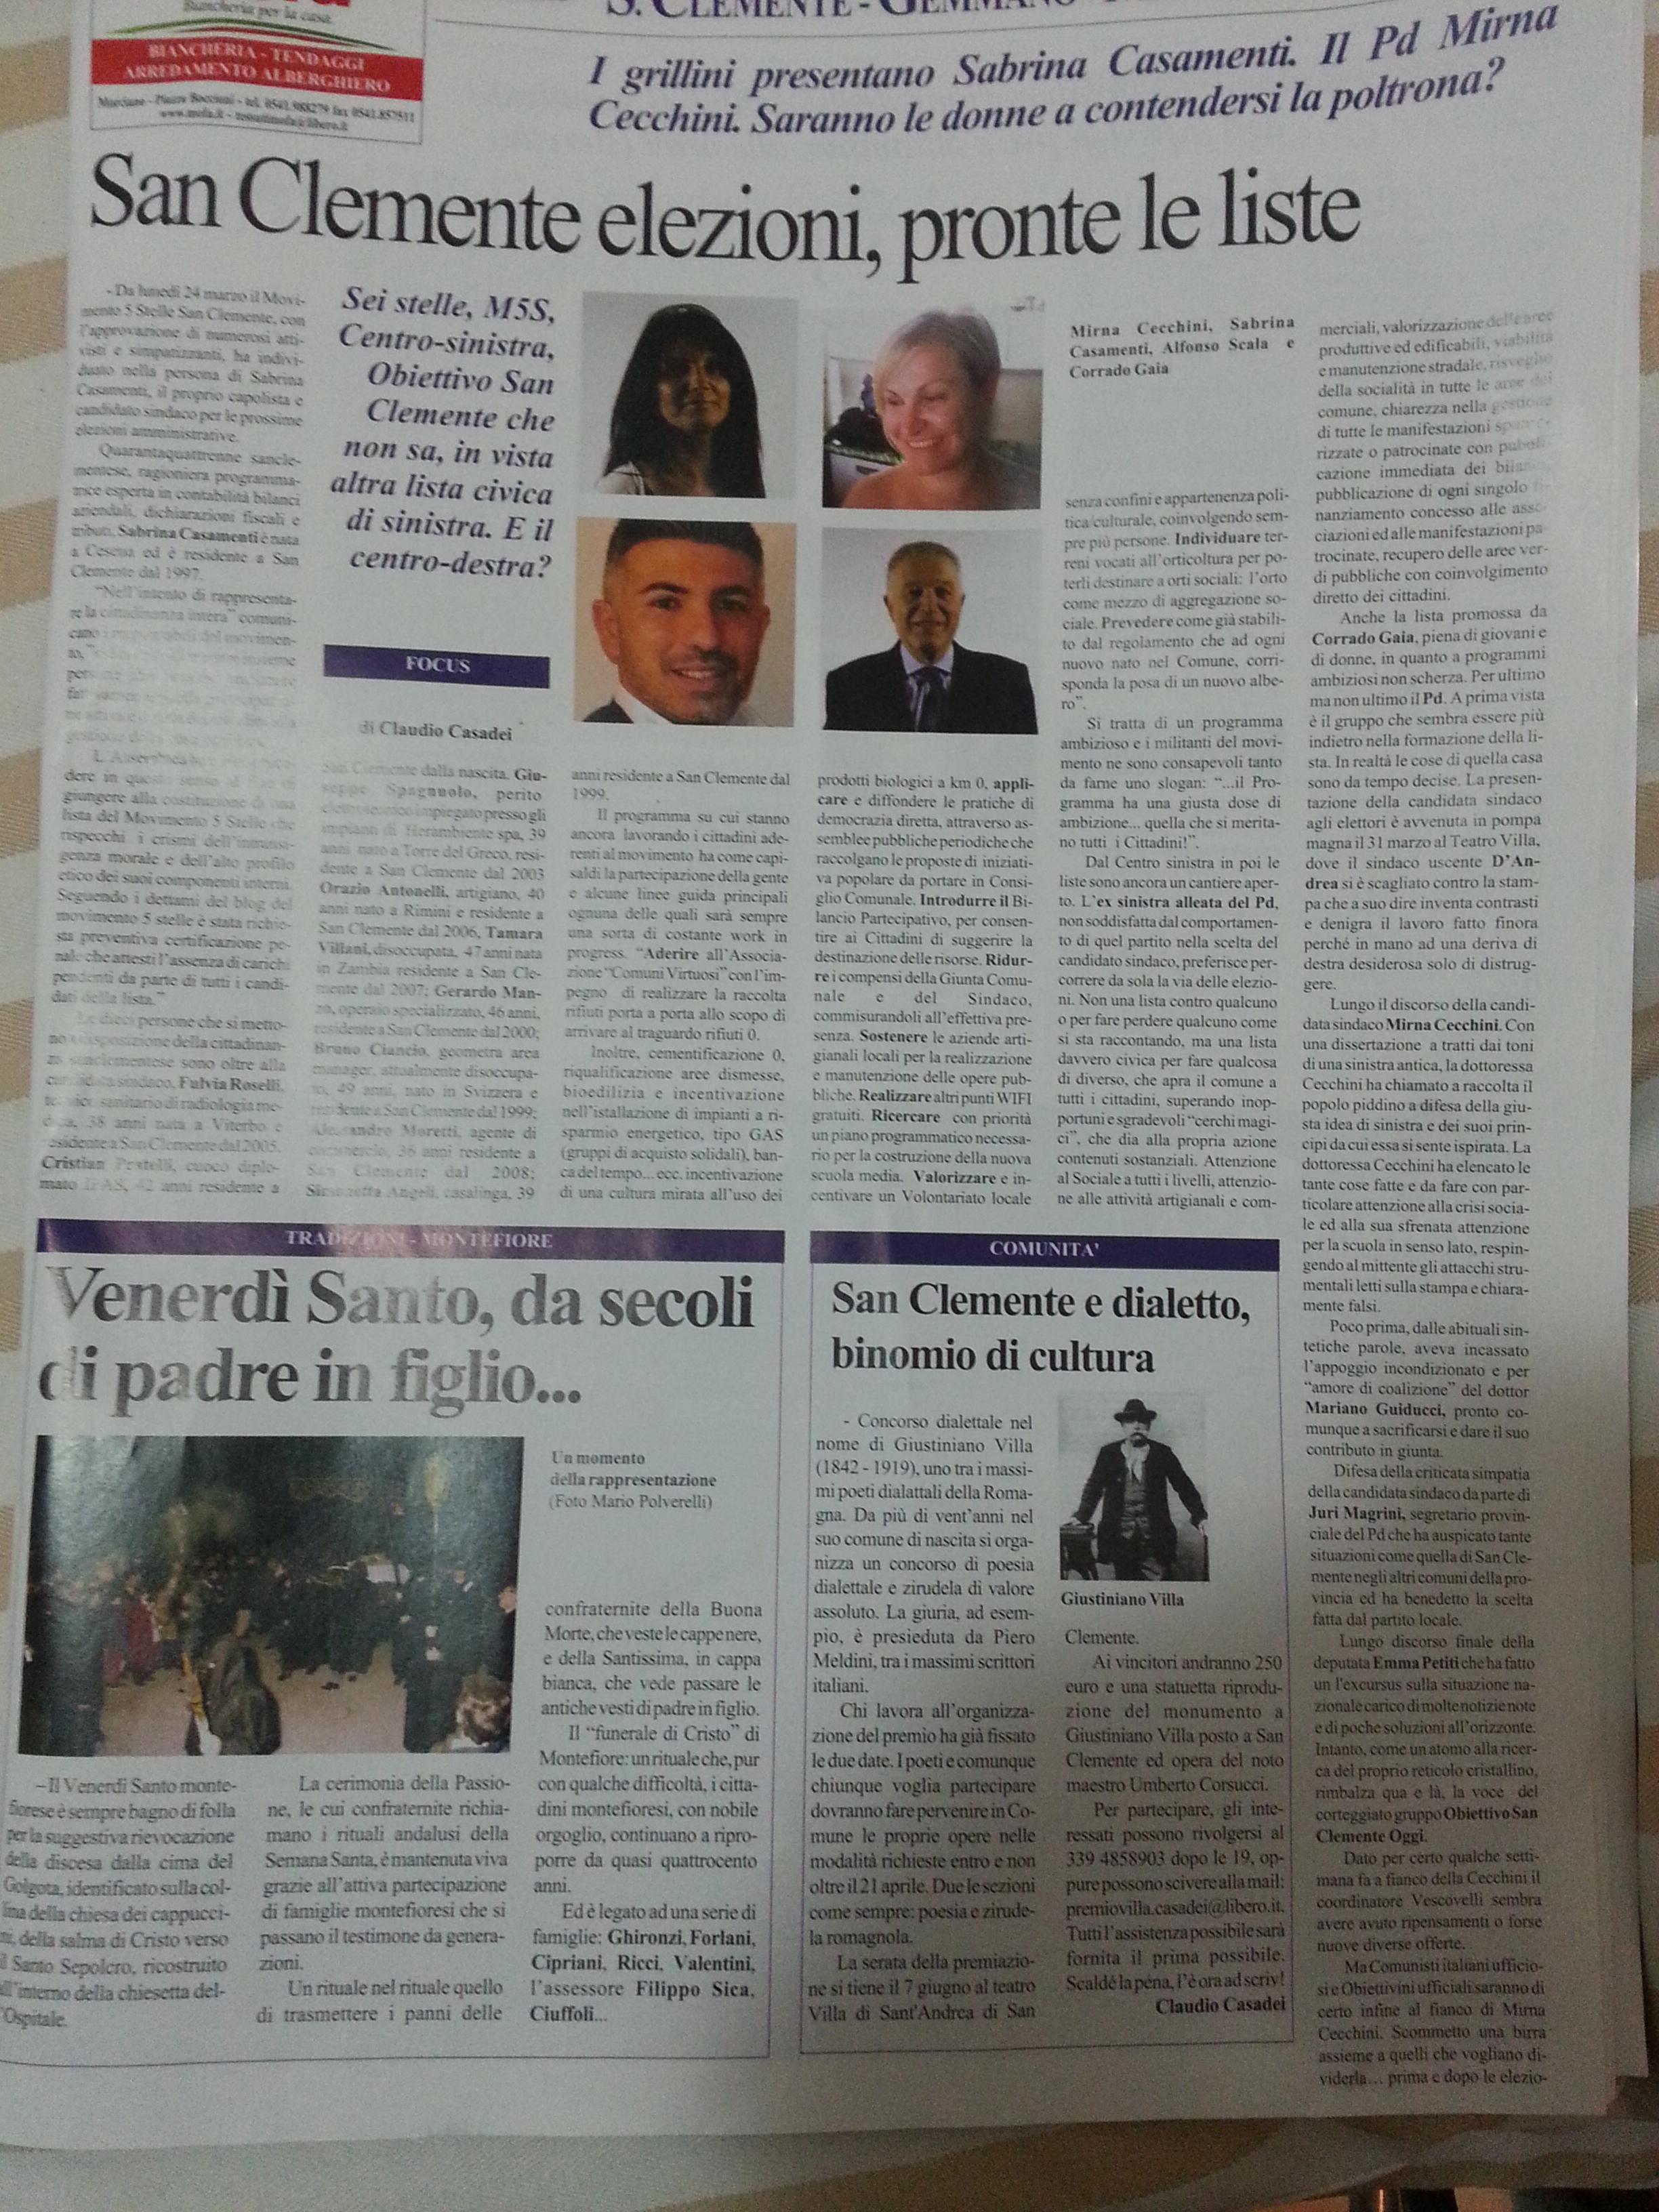 Giornale la Piazza Aprile 2014_Pag_1